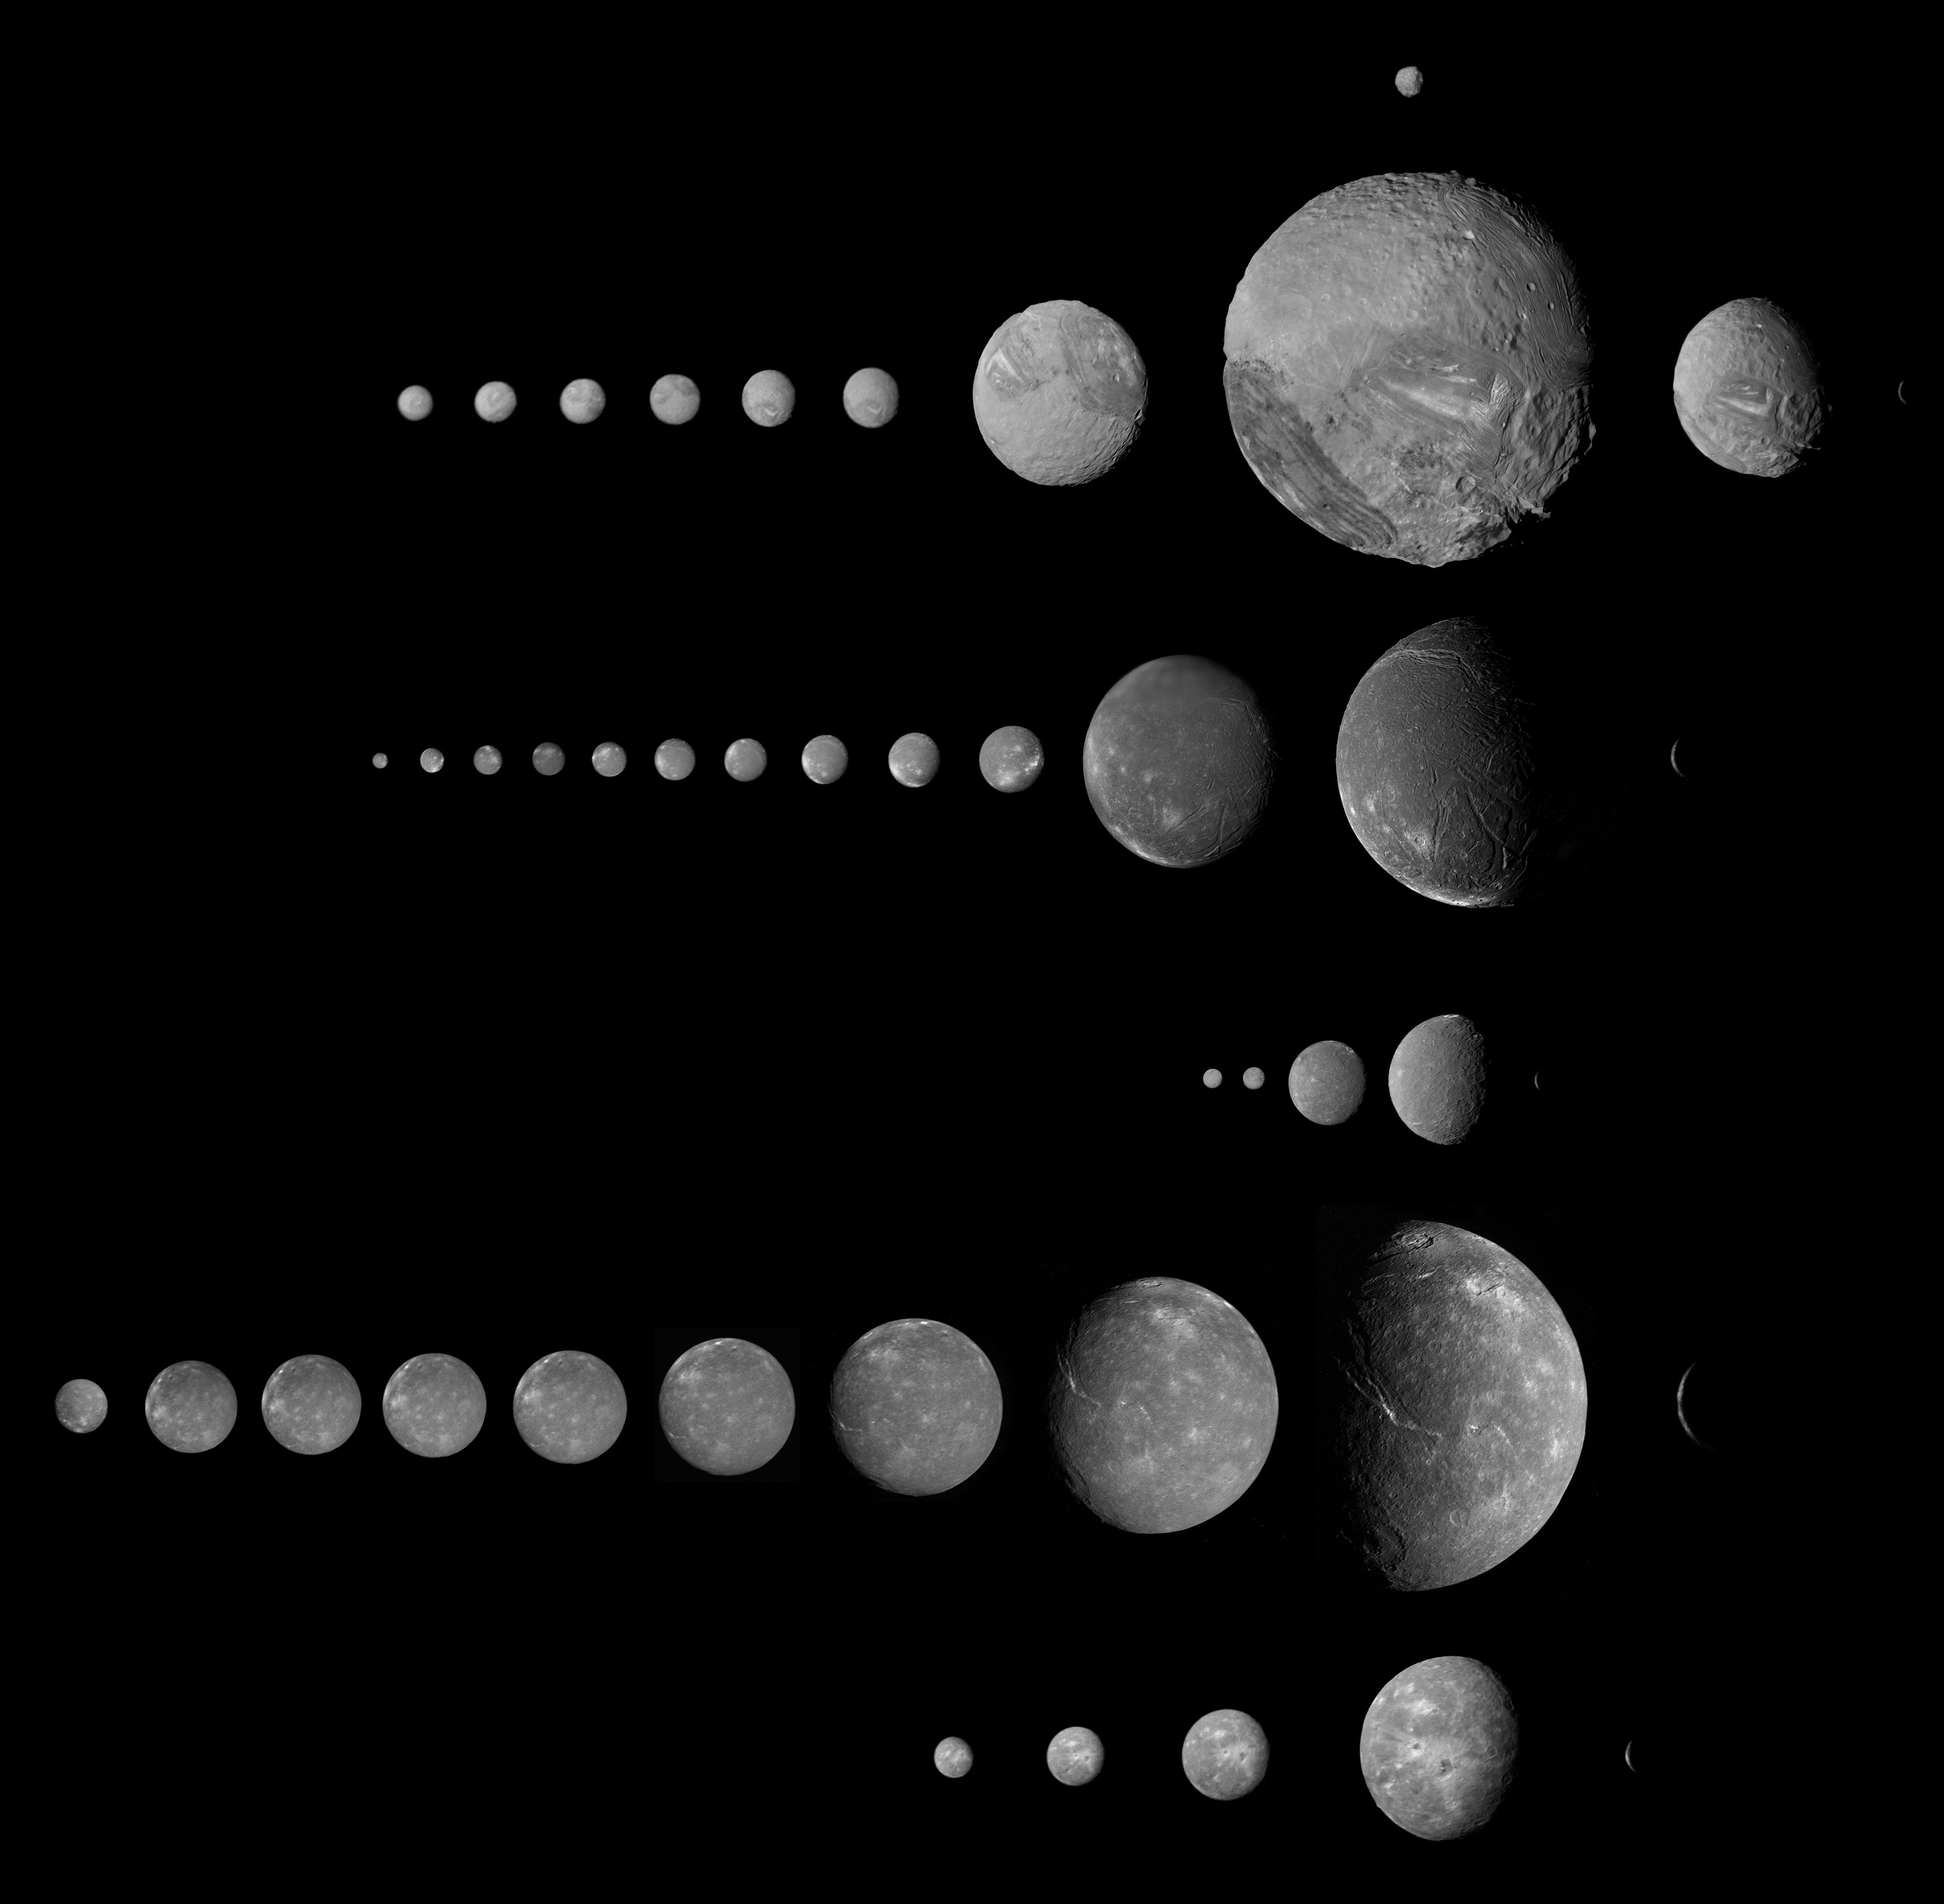 Todas las imágenes de las lunas de Urano vistas por la Voyager 2 (NASA/Ted Stryk).